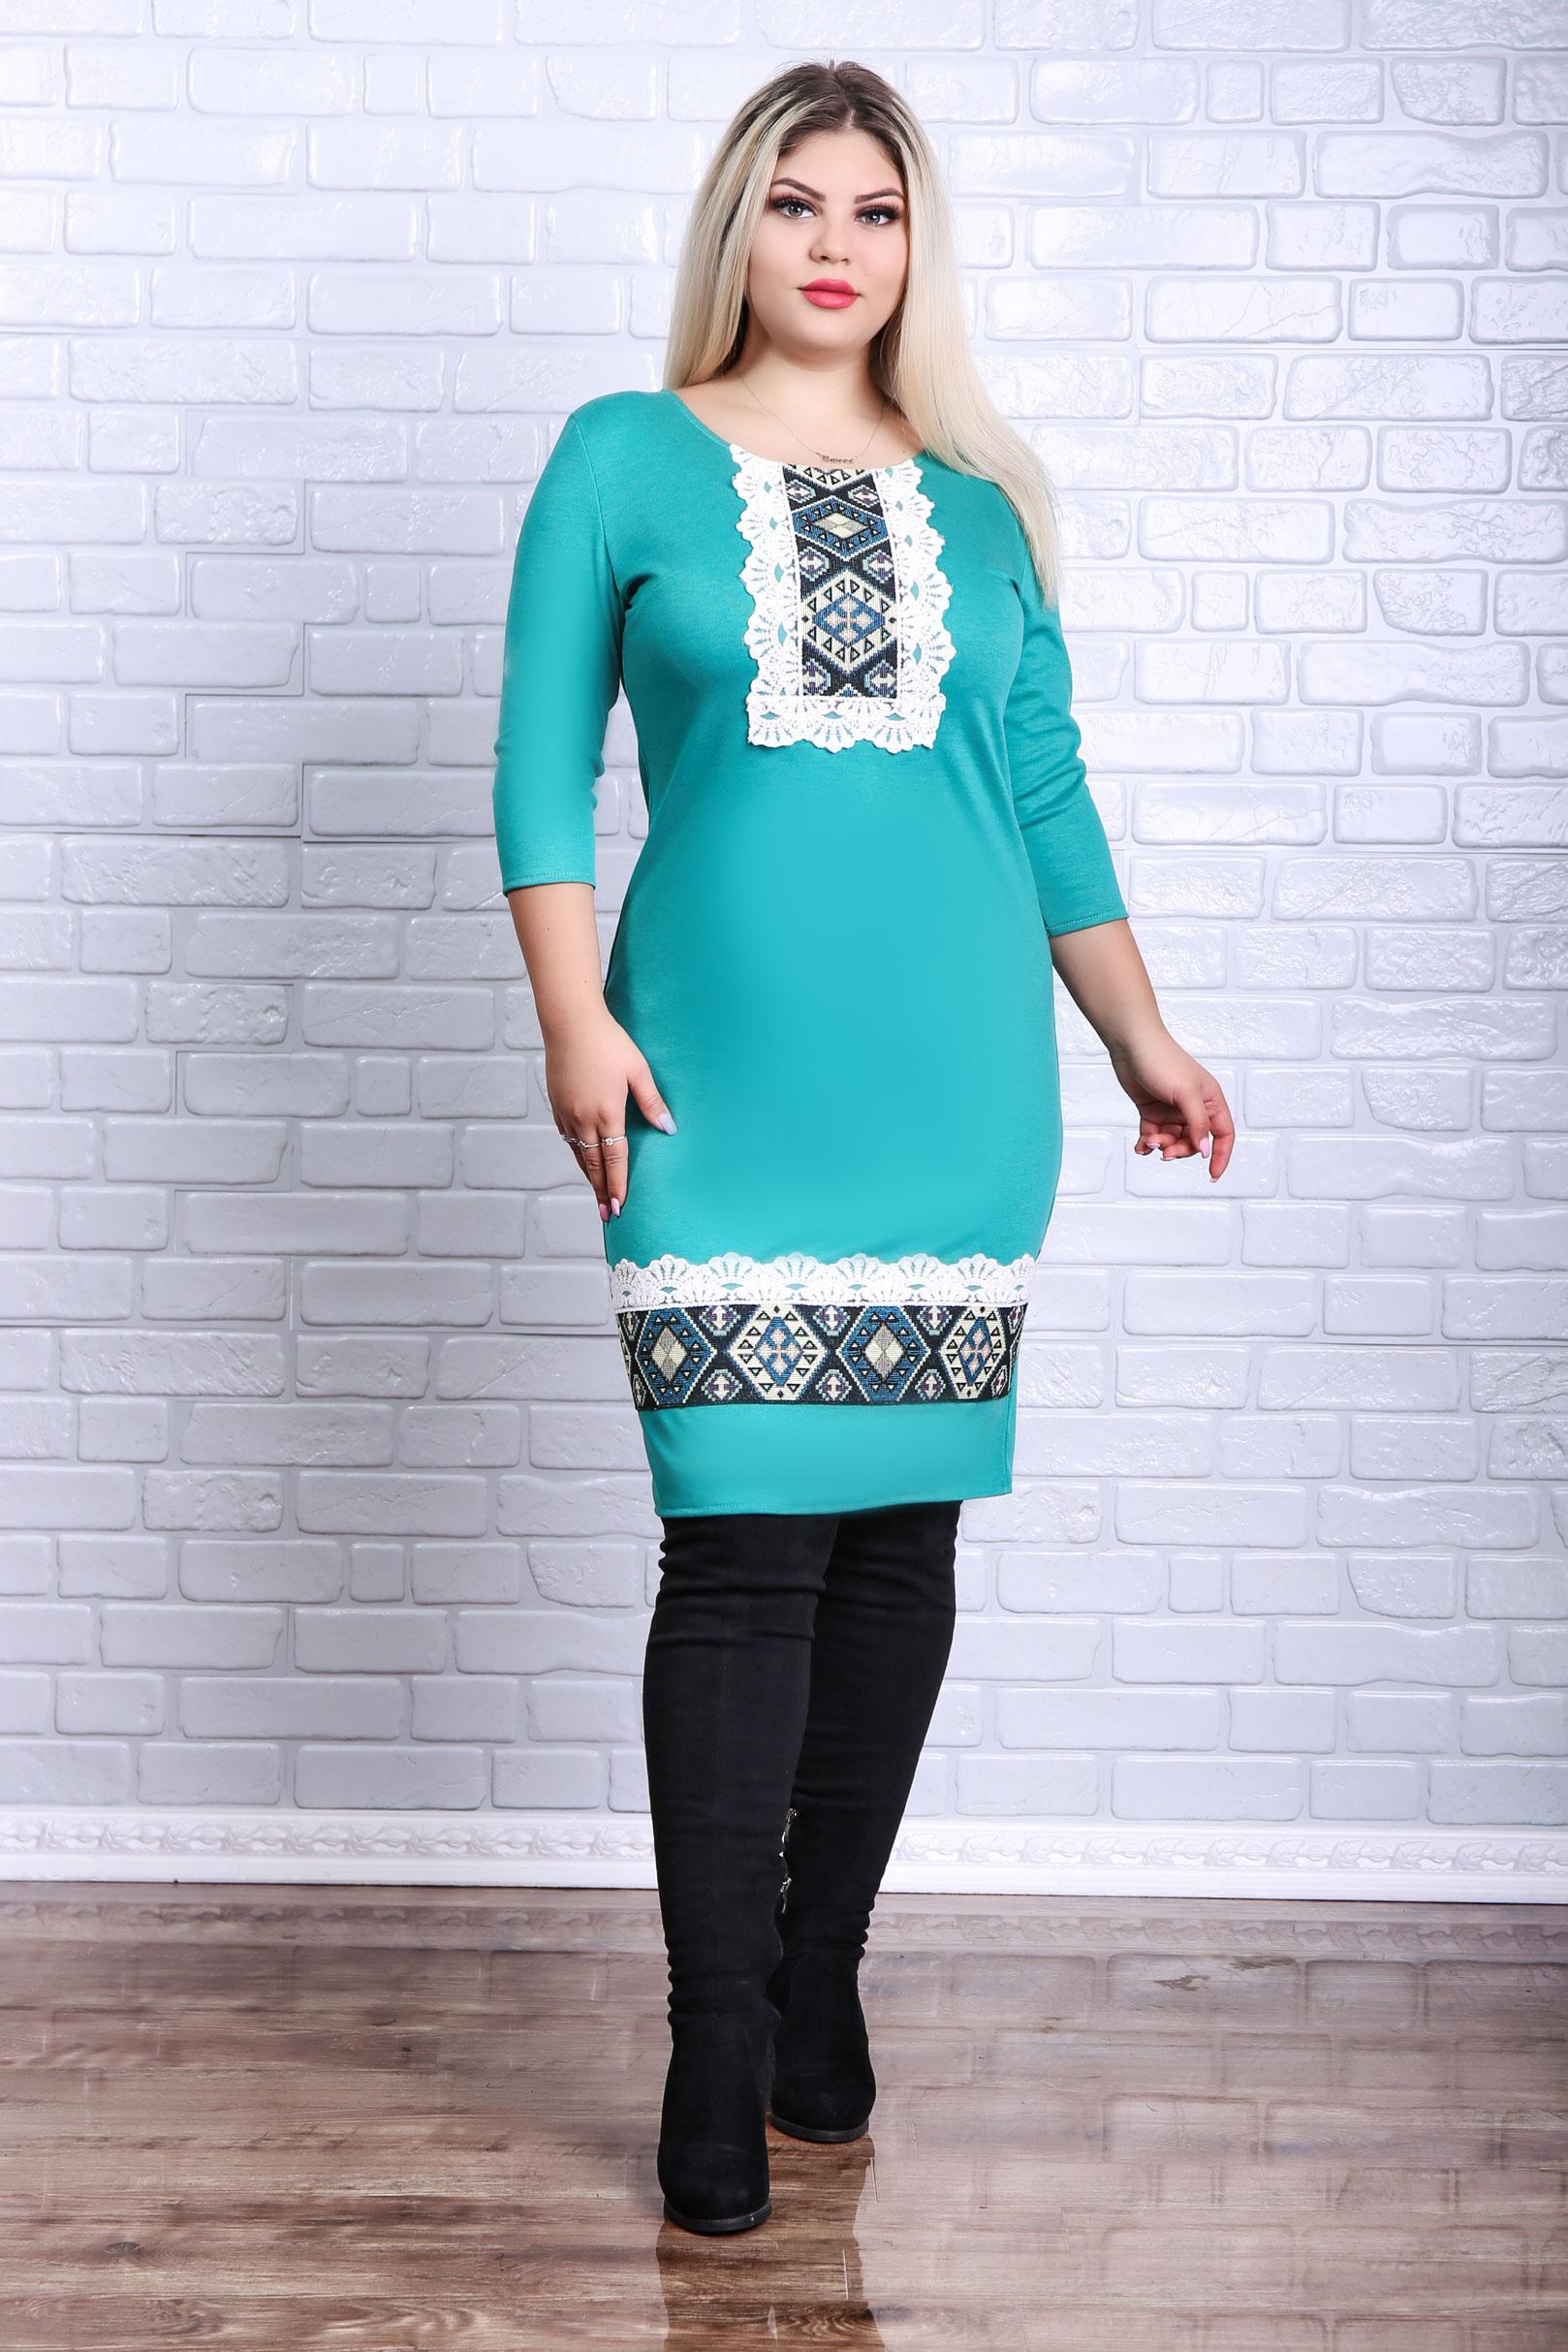 rochii traditionale care te scoate in evidenta la orice evenimente